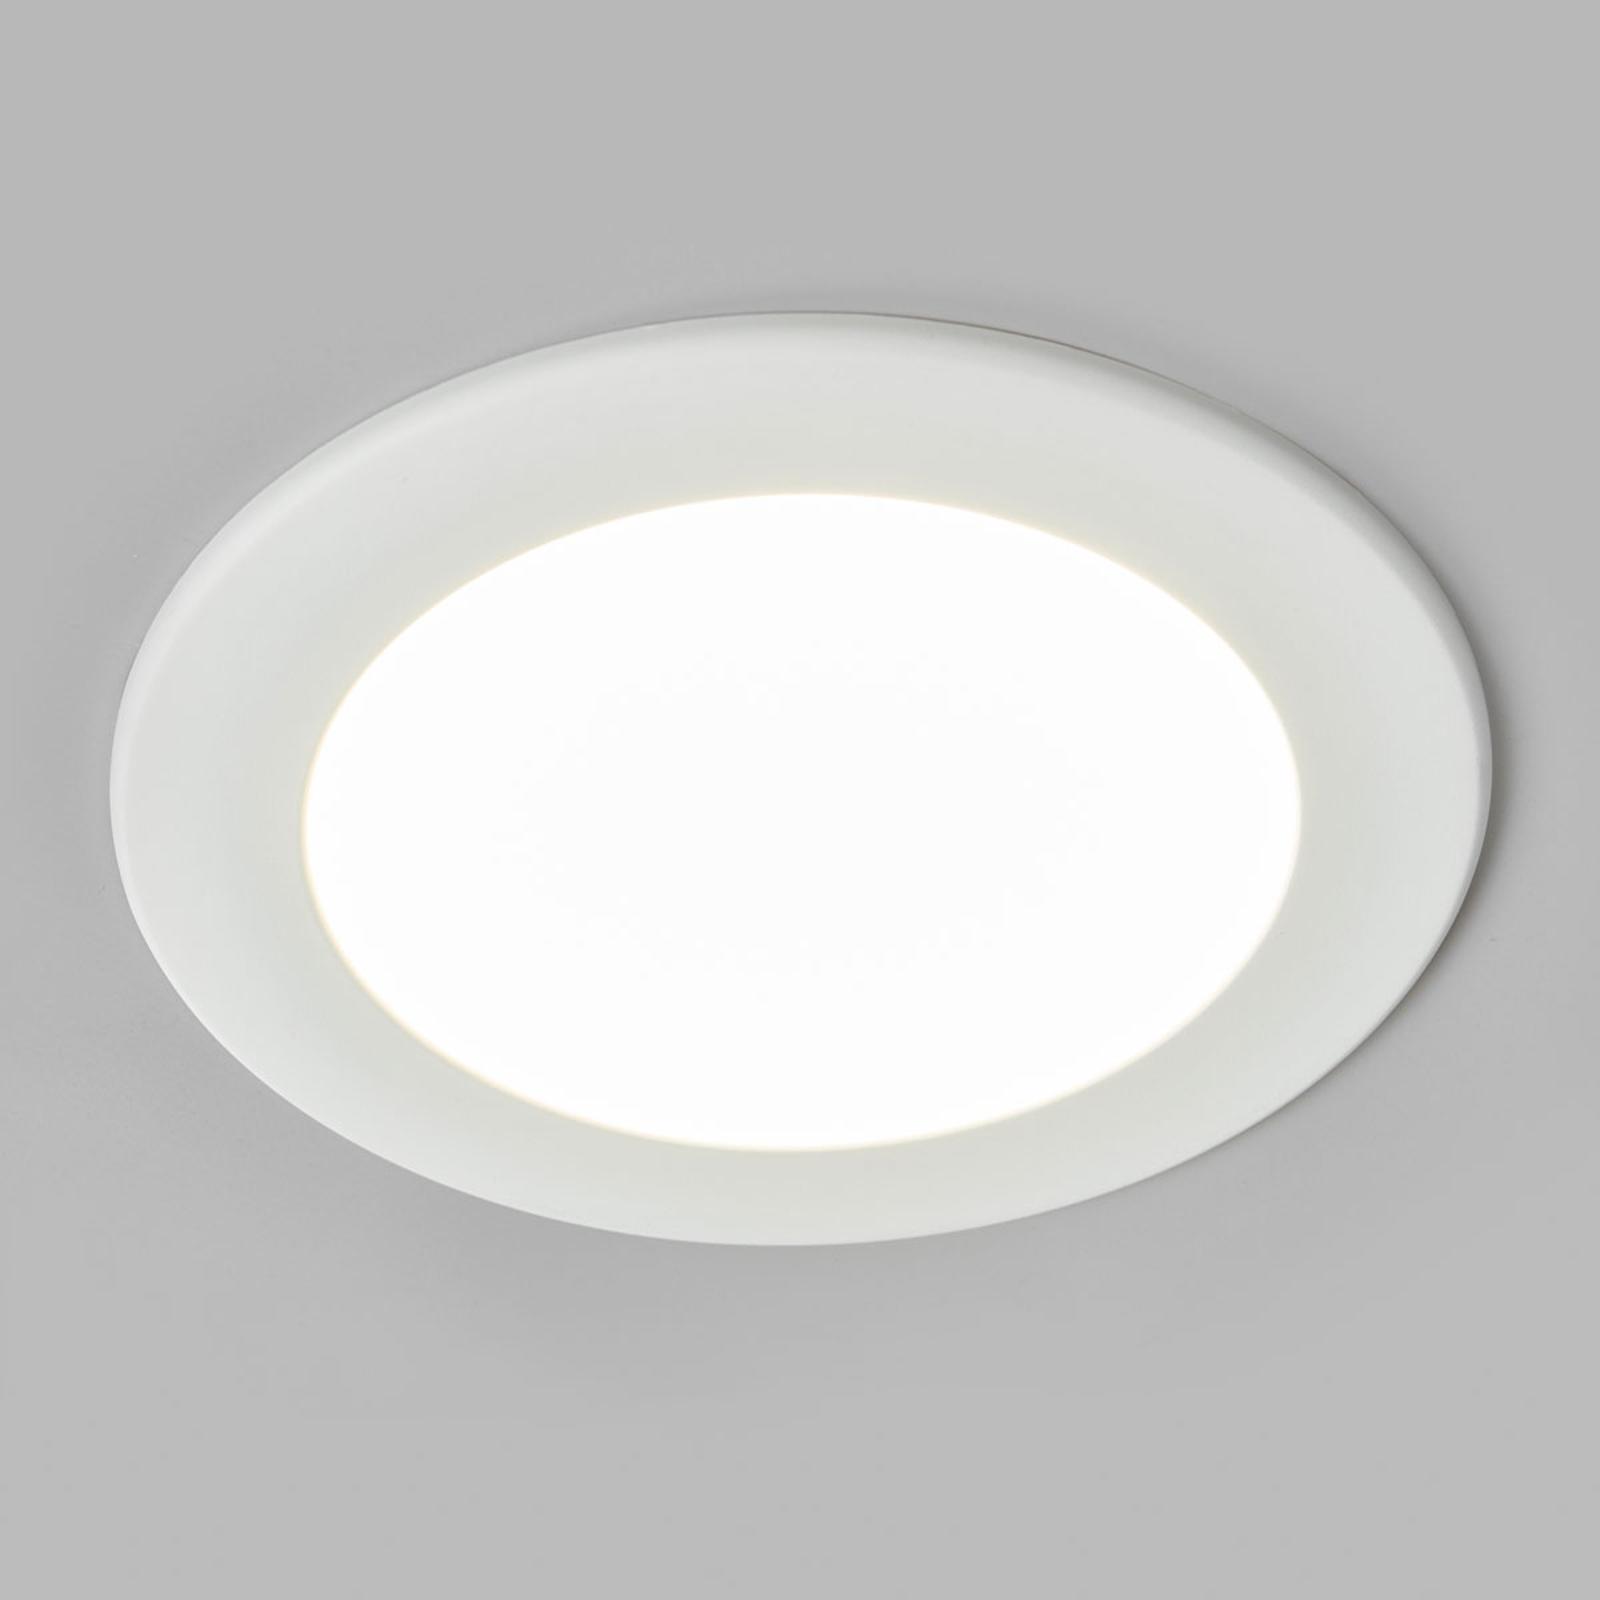 Spot LED Joki biały 4000K okrągły 17cm